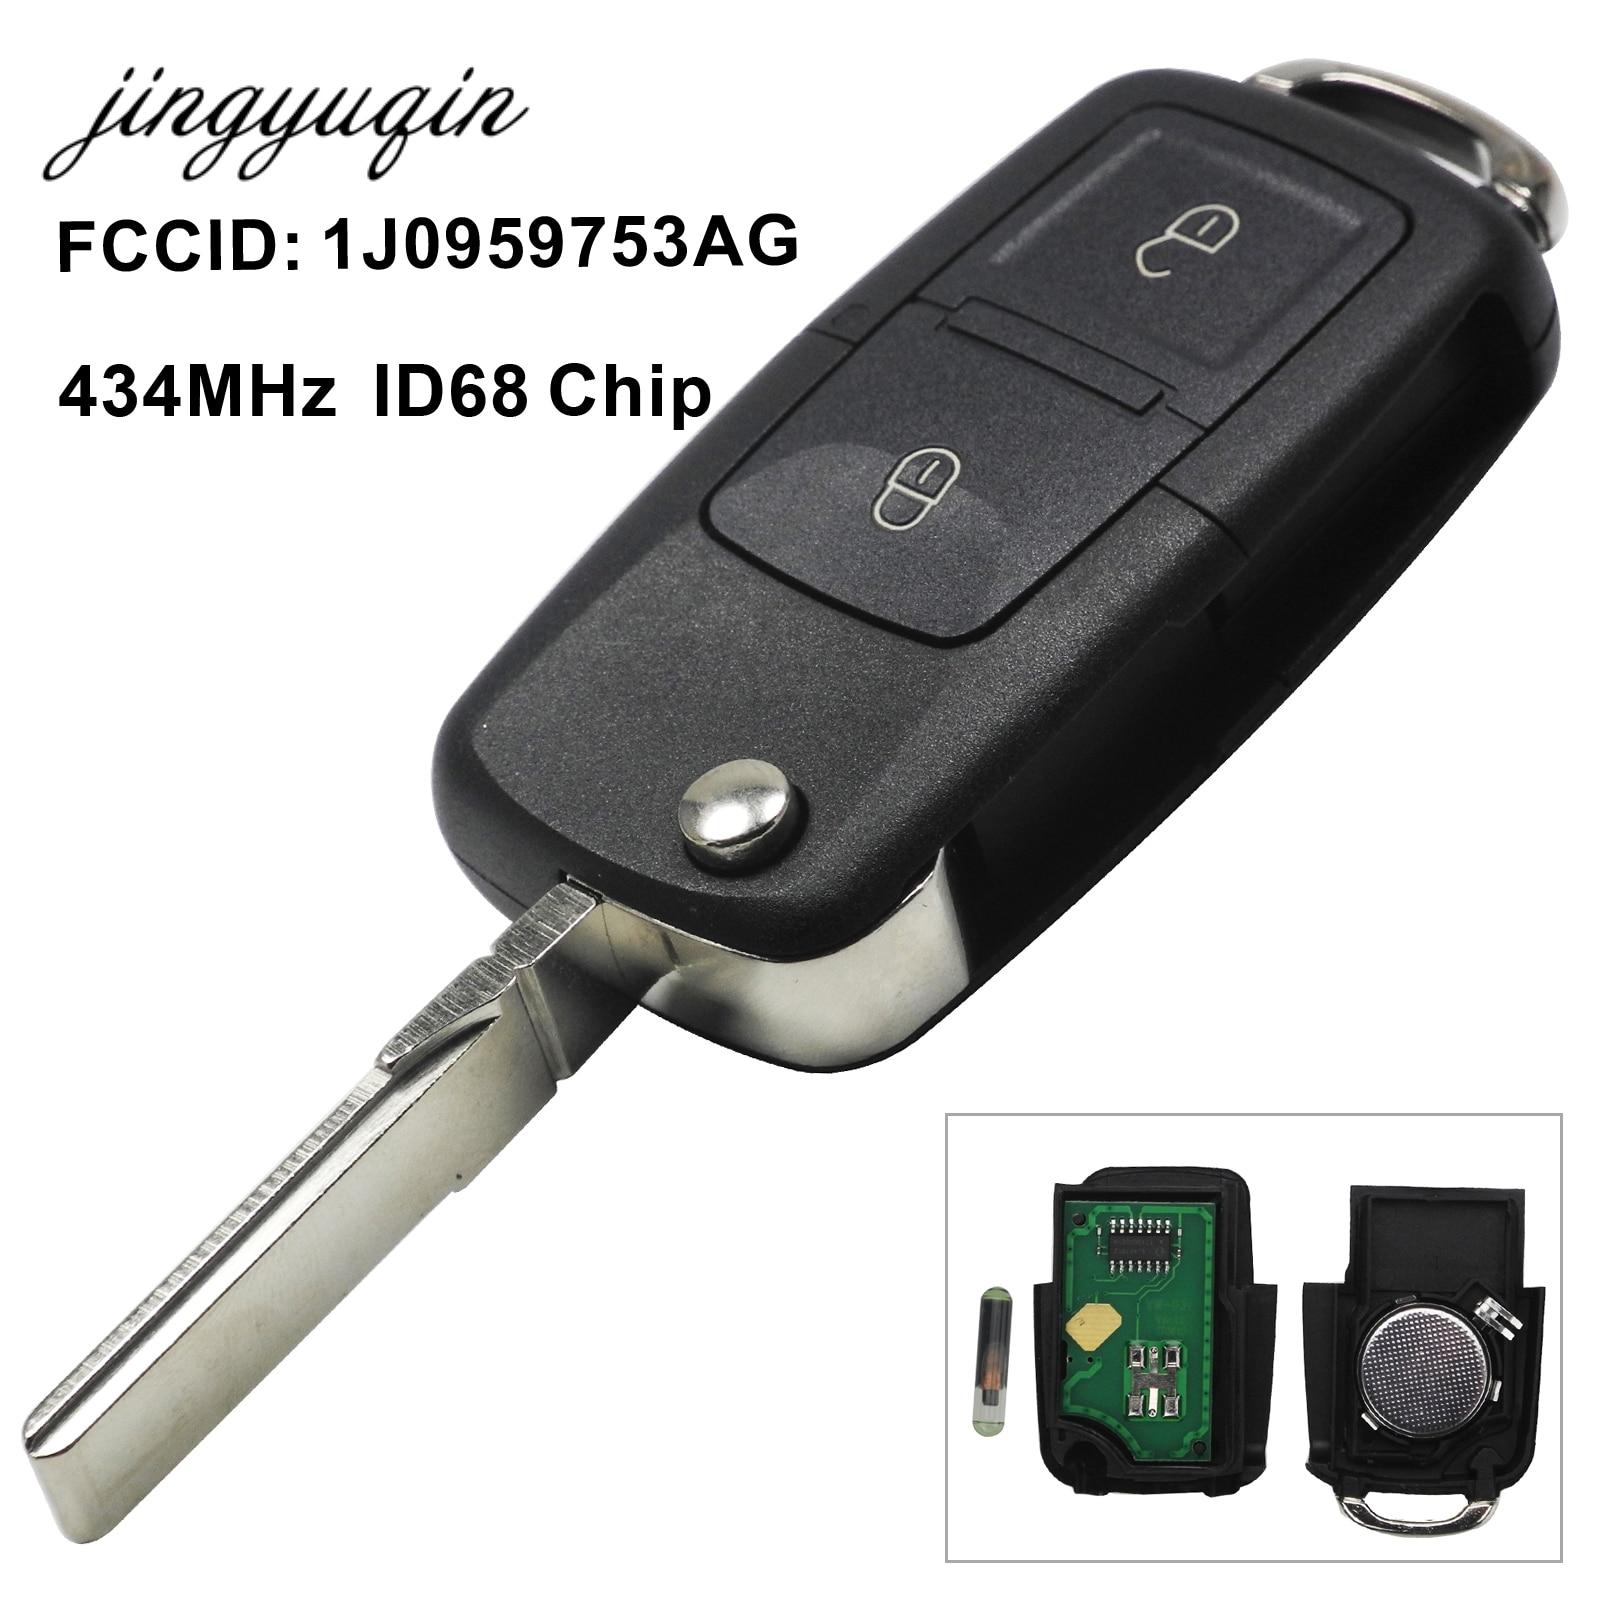 Jingyuqin 2/3/4 Pulsante di Vibrazione Fob Chiave A Distanza 434 mhz ID48 Chip Per VW Beetle Bora Golf passat Polo Transporter T5 1J0 959 753 AG